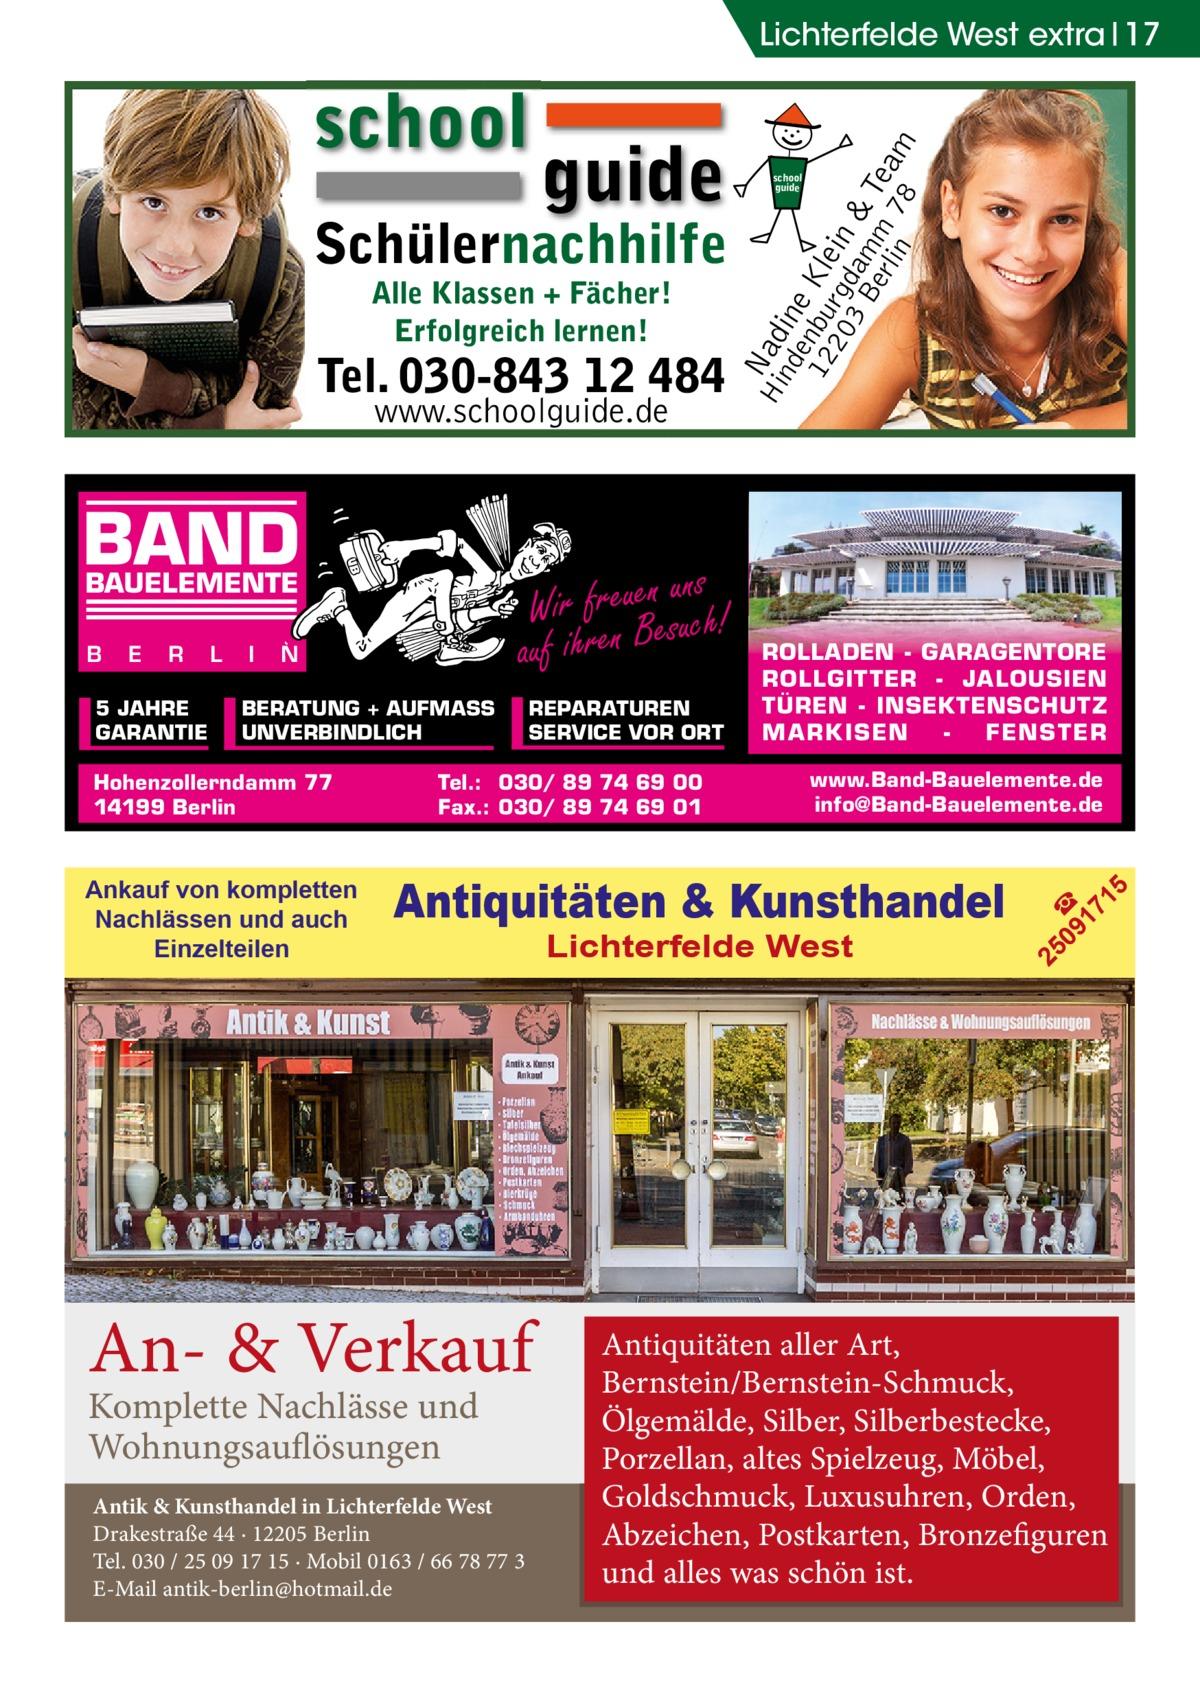 Alle Klassen + Fächer! Erfolgreich lernen!  Tel. 030-843 12 484 www.schoolguide.de  BAND  ns Wir freuenesuuch! auf ihren B  BAUELEMENTE B  E  R  5 JAHRE GARANTIE  L  I  N  BERATUNG + AUFMASS UNVERBINDLICH  Hohenzollerndamm 77 14199 Berlin  Ankauf von kompletten Nachlässen und auch Einzelteilen  REPARATUREN SERVICE VOR ORT  Tel.: 030/ 89 74 69 00 Fax.: 030/ 89 74 69 01  ROLLADEN - GARAGENTORE ROLLGITTER - JALOUSIEN TÜREN - INSEKTENSCHUTZ M A RK ISEN FENS T ER www.Band-Bauelemente.de info@Band-Bauelemente.de  Antiquitäten & Kunsthandel  An- & Verkauf Komplette Nachlässe und Wohnungsauflösungen  Antik & Kunsthandel in Lichterfelde West Drakestraße 44 · 12205 Berlin Tel. 030 / 25 09 17 15 · Mobil 0163 / 66 78 77 3 E-Mail antik-berlin@hotmail.de  Lichterfelde West  5  Schülernachhilfe  school guide  09 ☎ 17 1  guide  25  school  Hi Nad nd ine e 12 nbu Kle 20 rgd in 3 B am & erl m Tea in 78 m  Lichterfelde West extra 17  Antiquitäten aller Art, Bernstein/Bernstein-Schmuck, Ölgemälde, Silber, Silberbestecke, Porzellan, altes Spielzeug, Möbel, Goldschmuck, Luxusuhren, Orden, Abzeichen, Postkarten, Bronzefiguren und alles was schön ist.